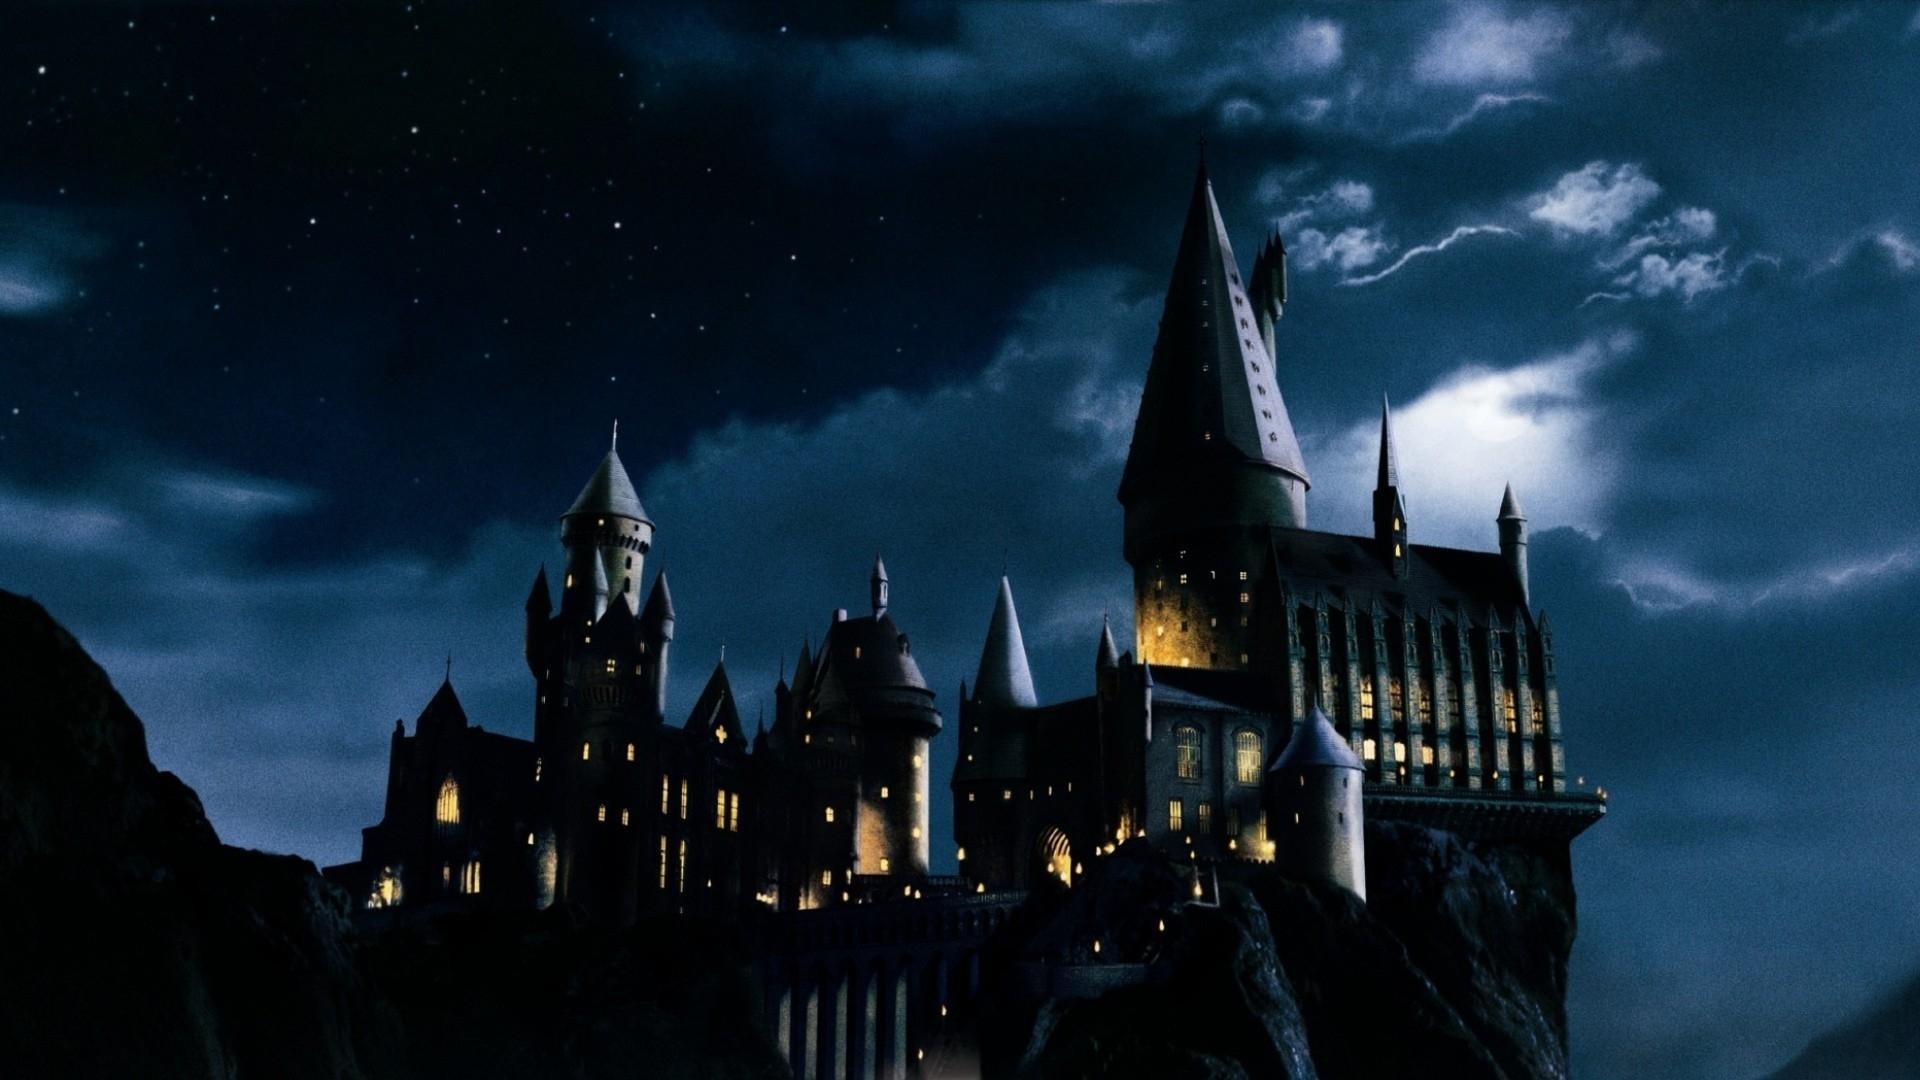 harry potter hogwarts wallpaper (65+ images)